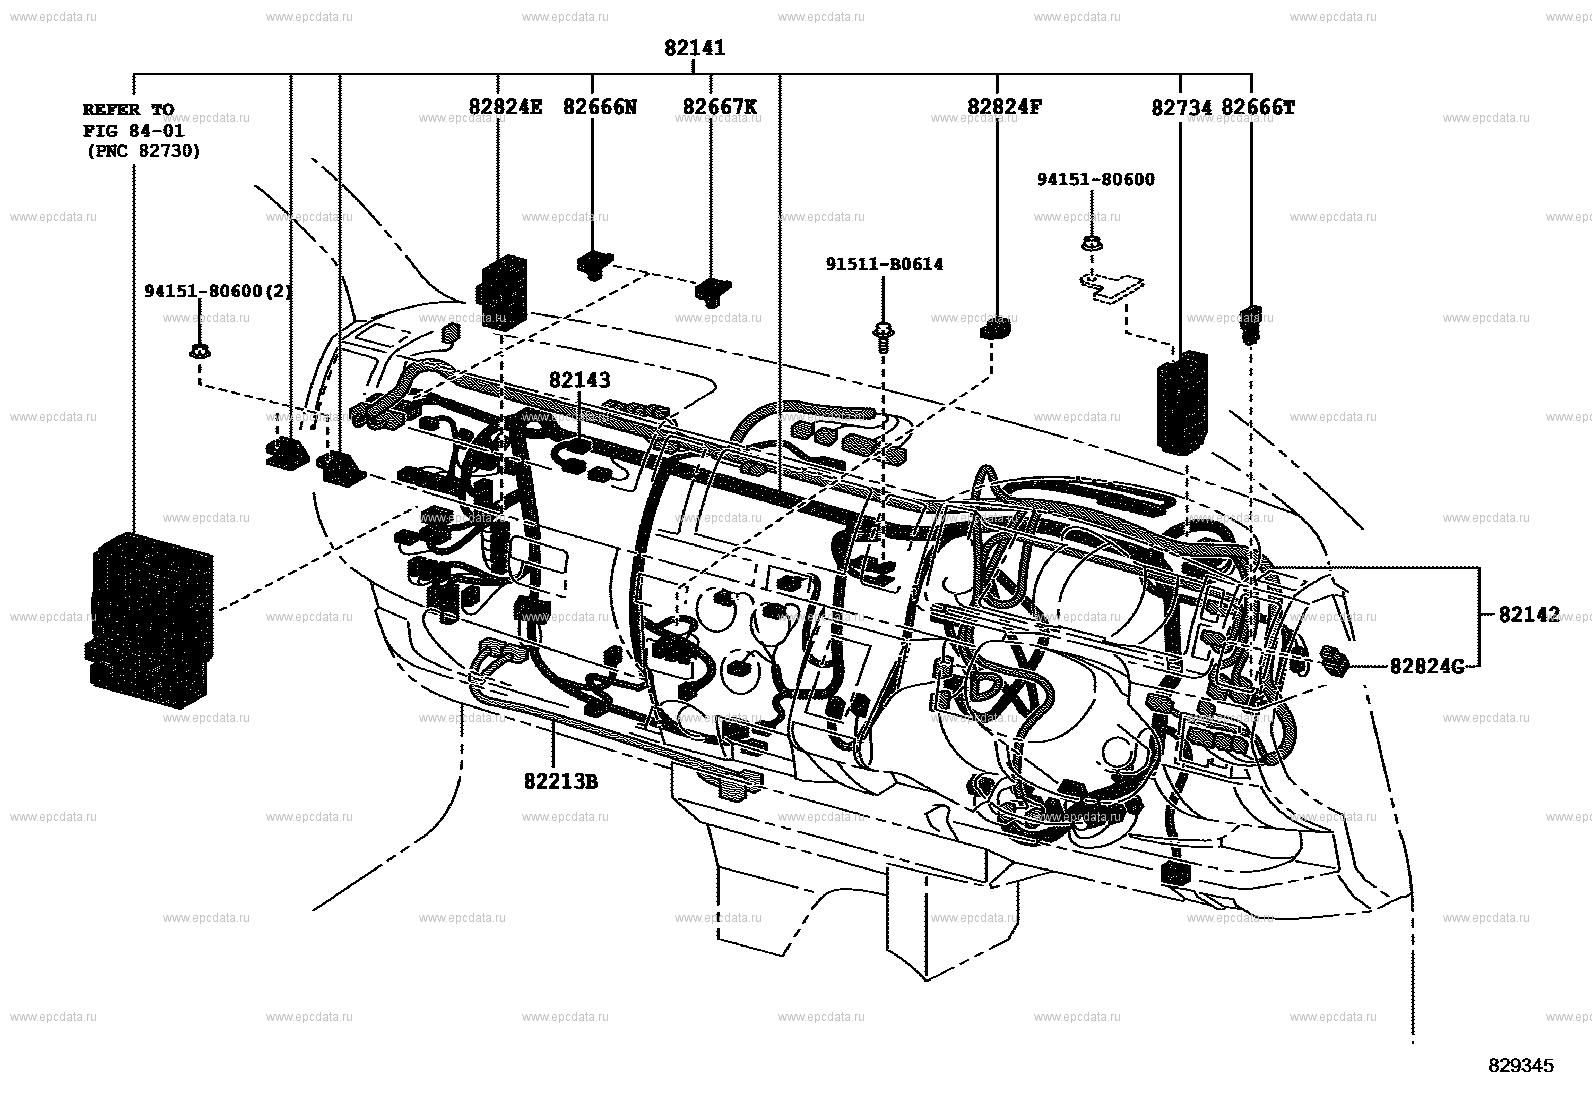 Scheme 3